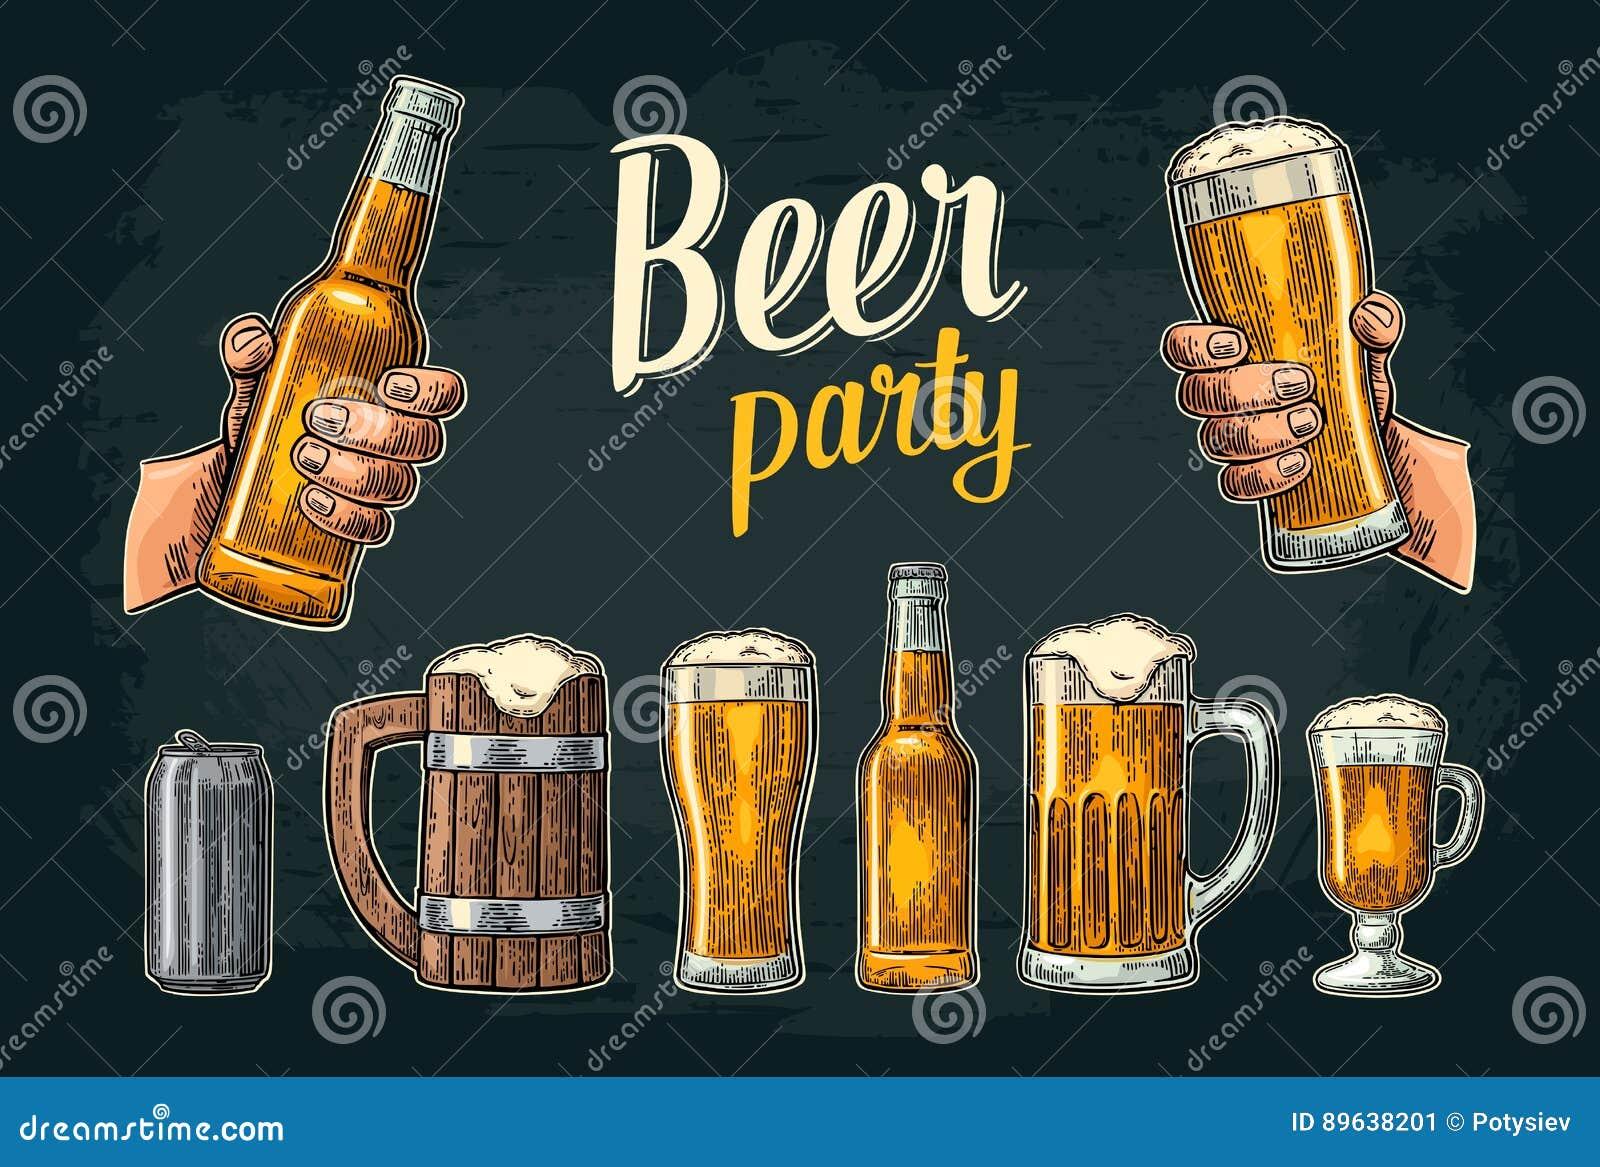 Two hands holding beer glasses mug. Glass, can, bottle. Vintage vector engraving illustration for web, poster